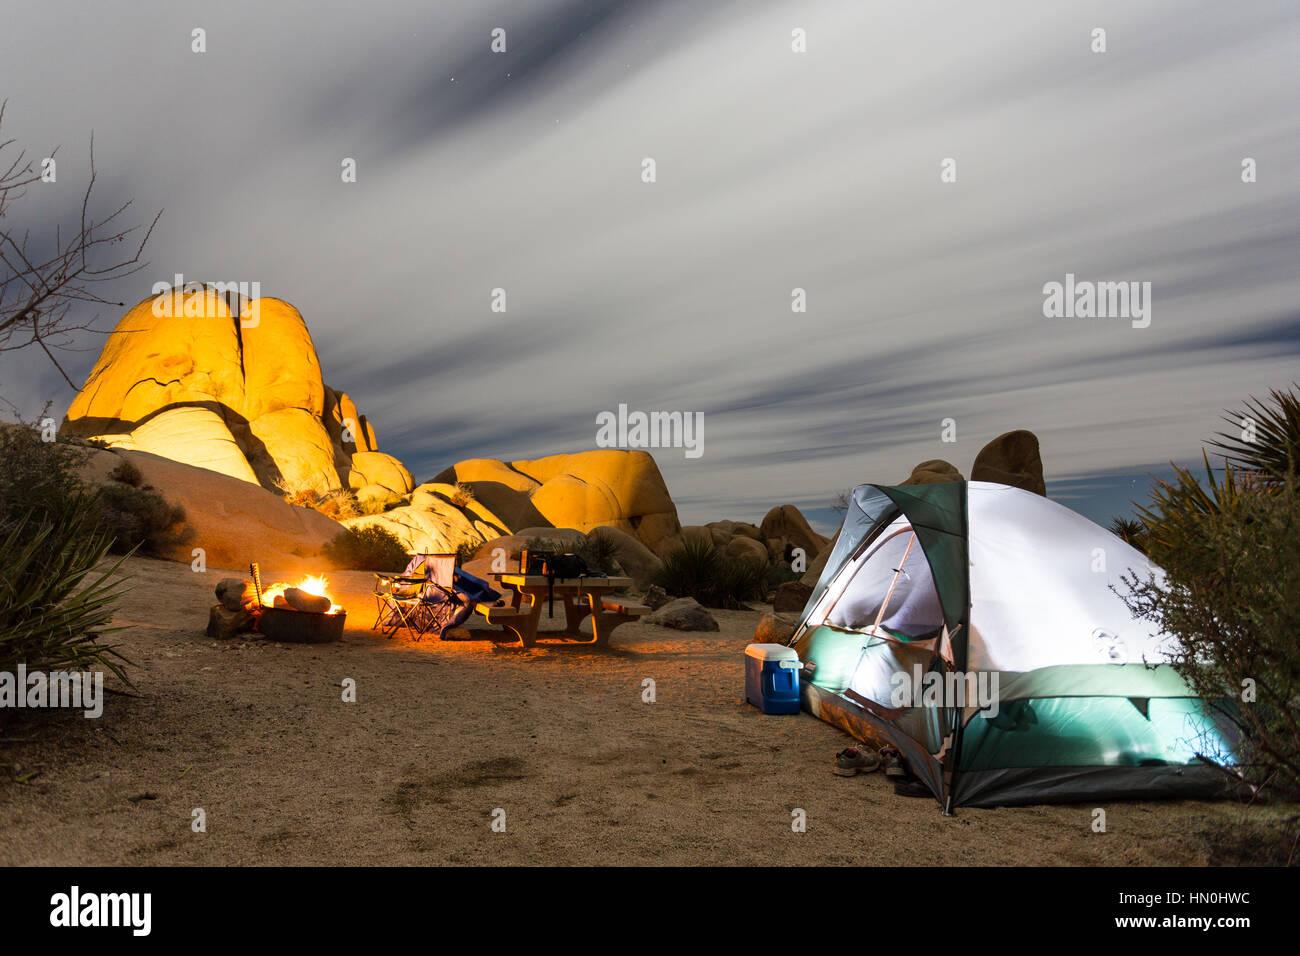 Una carpa se sienta junto a una fogata en la noche en un camping Parque Nacional Joshua Tree. Imagen De Stock